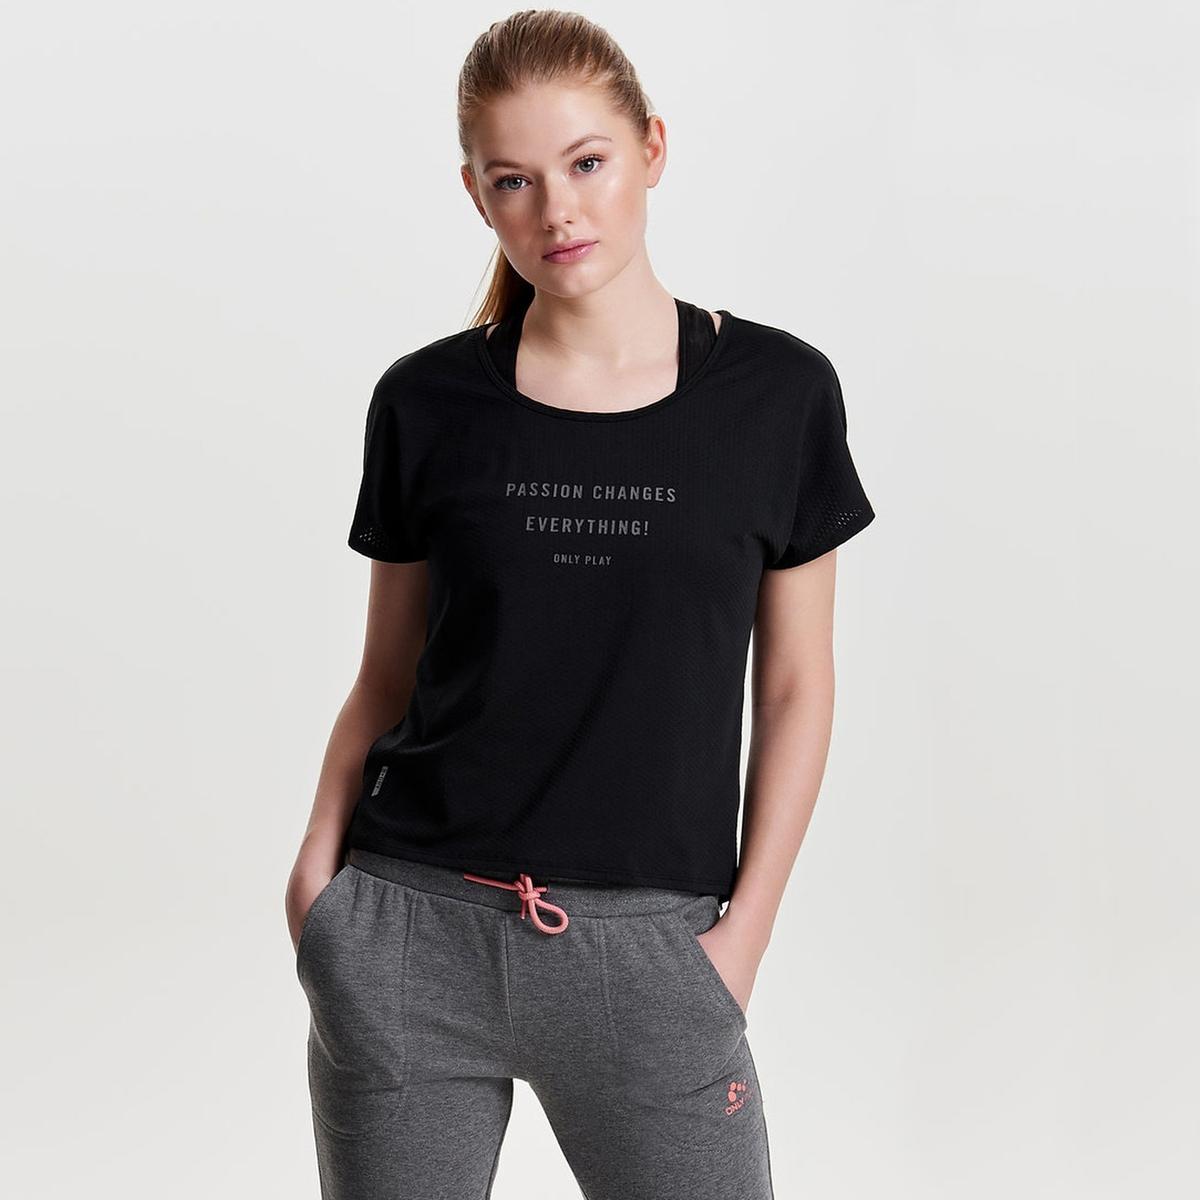 T-shirt com motivo à frente, gola redonda, mangas curtas